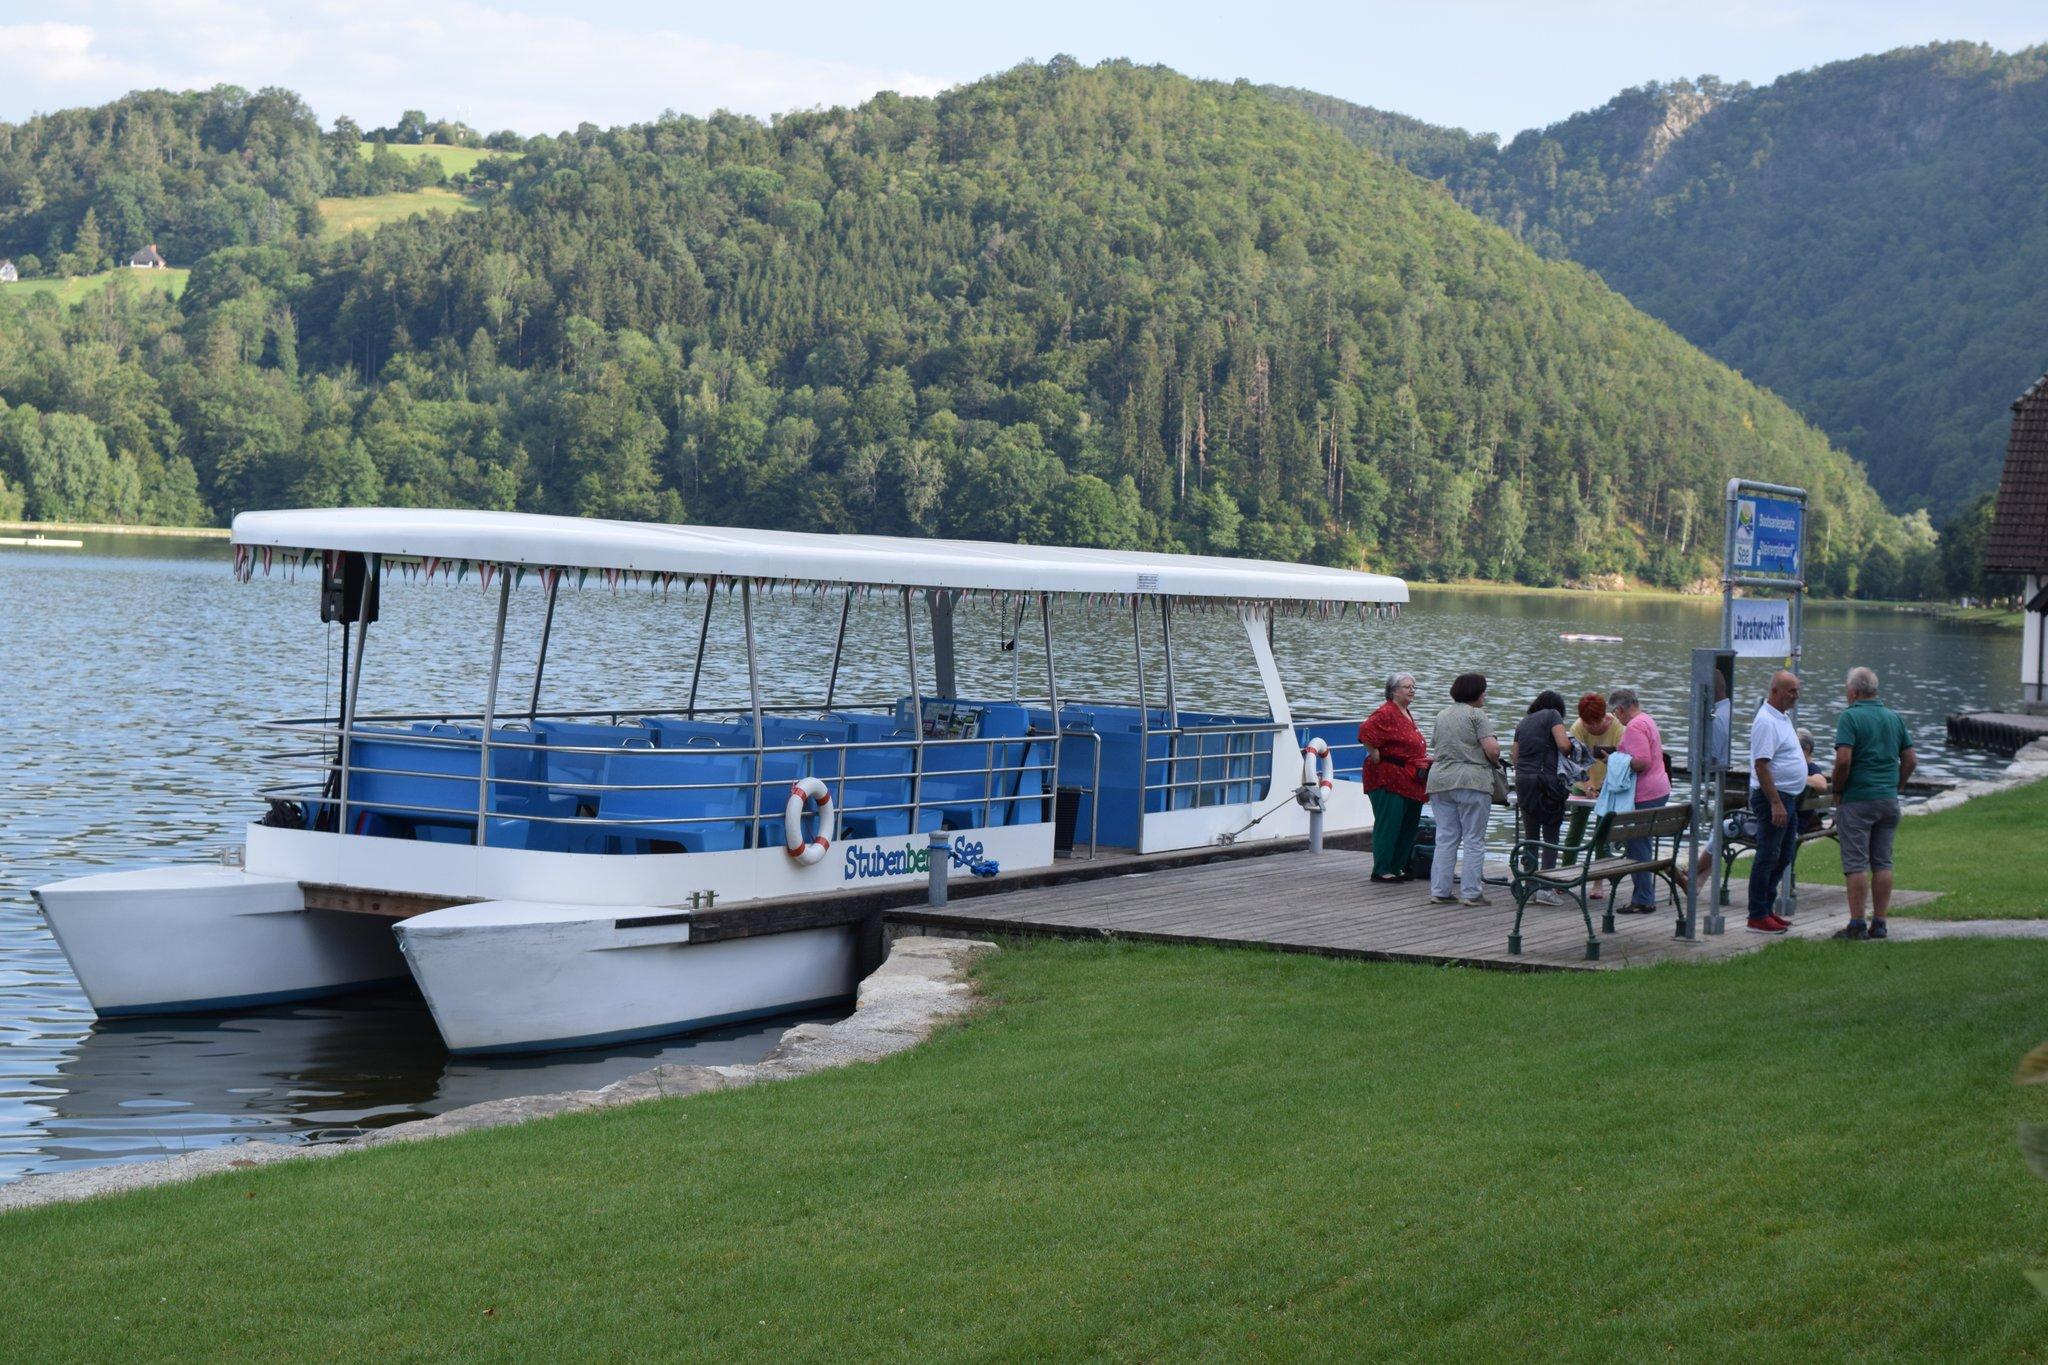 Literaturschiff Stubenberg am See: Jenseits des Tellerrands - Hartberg-Fürstenfeld - meinbezirk.at